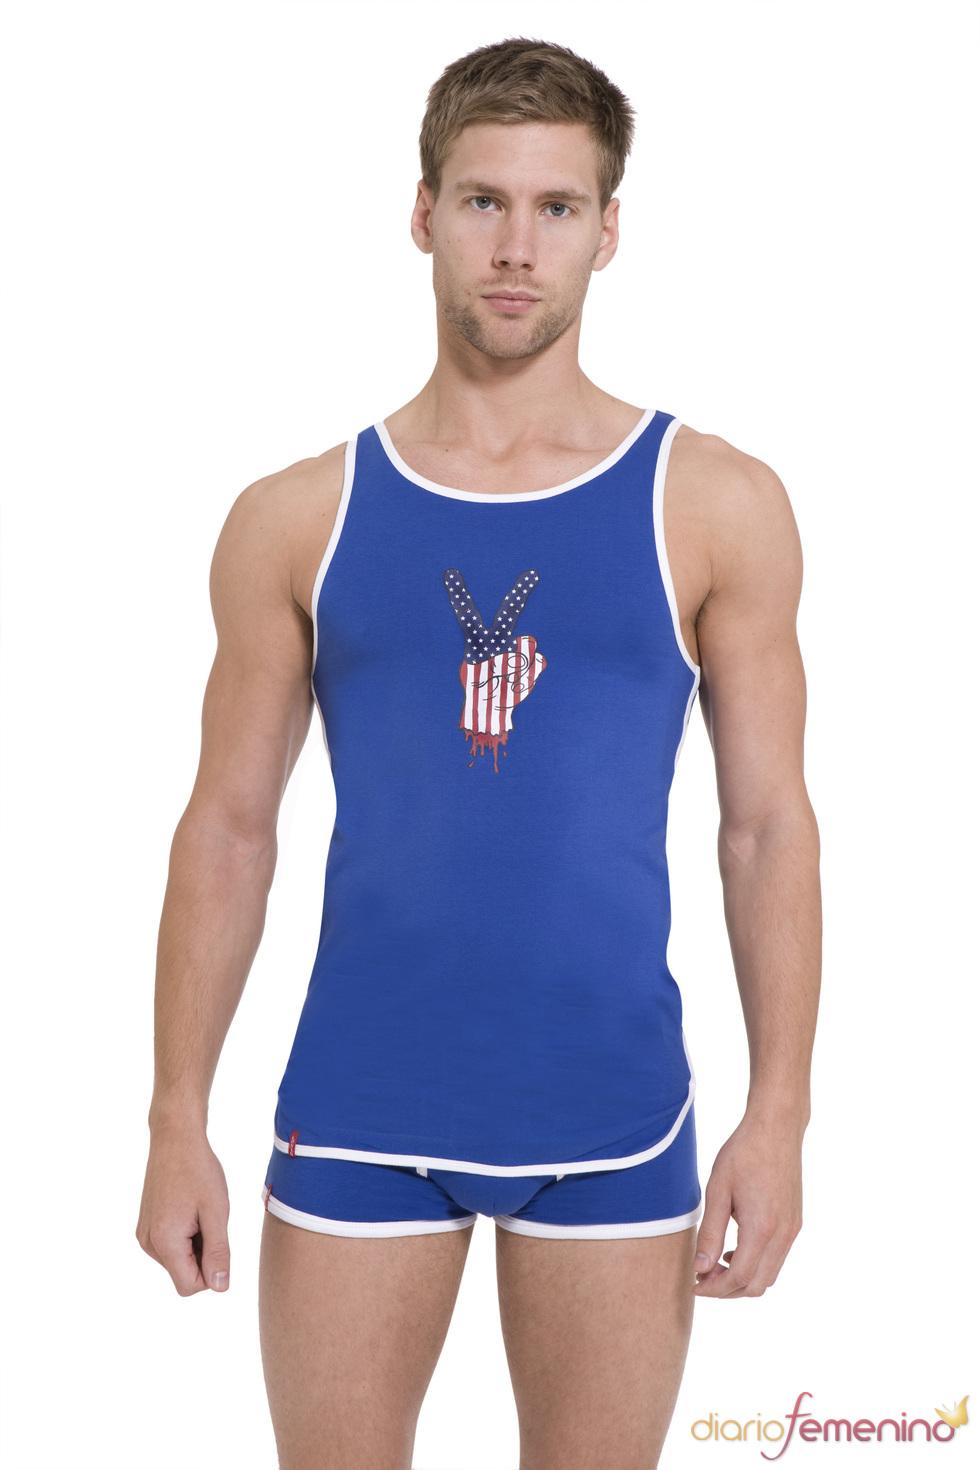 Camiseta de tirantes y calzoncillo azules de Levi's